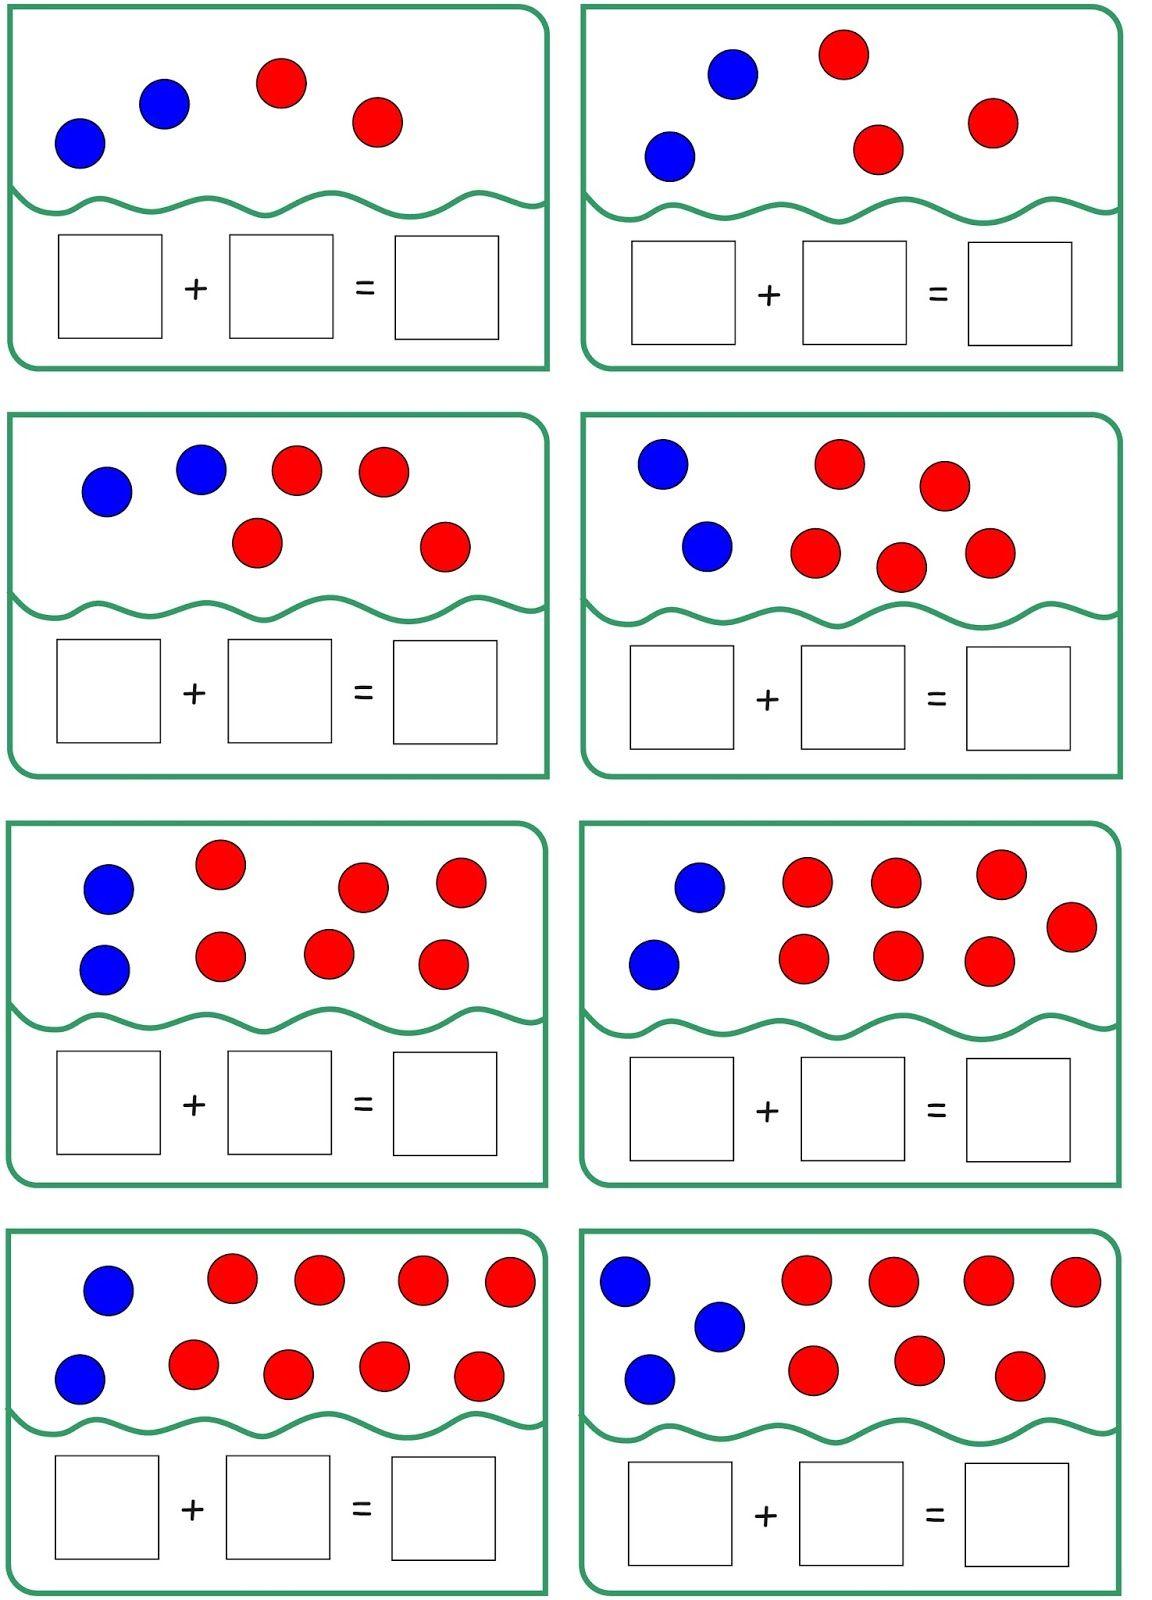 Mengenbilder Und Ihre Zahlensatze